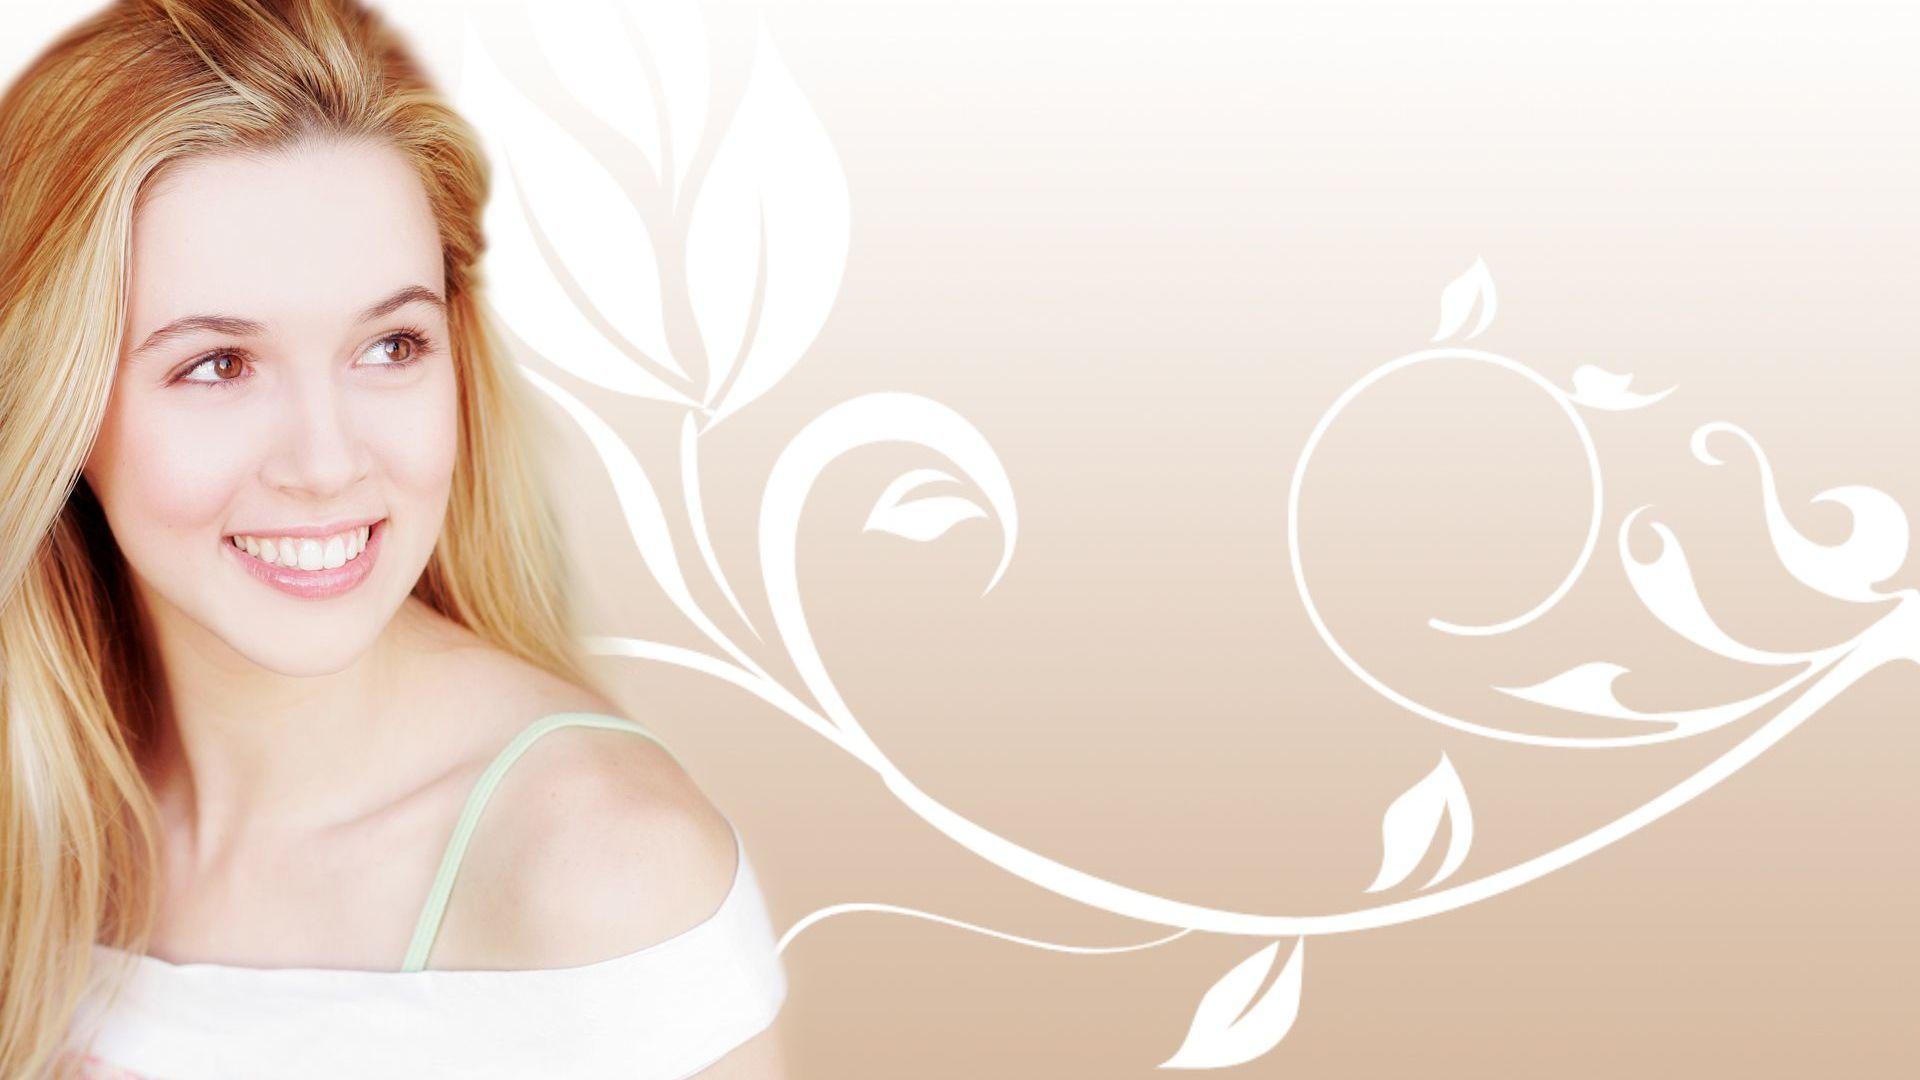 Alona Tal Background